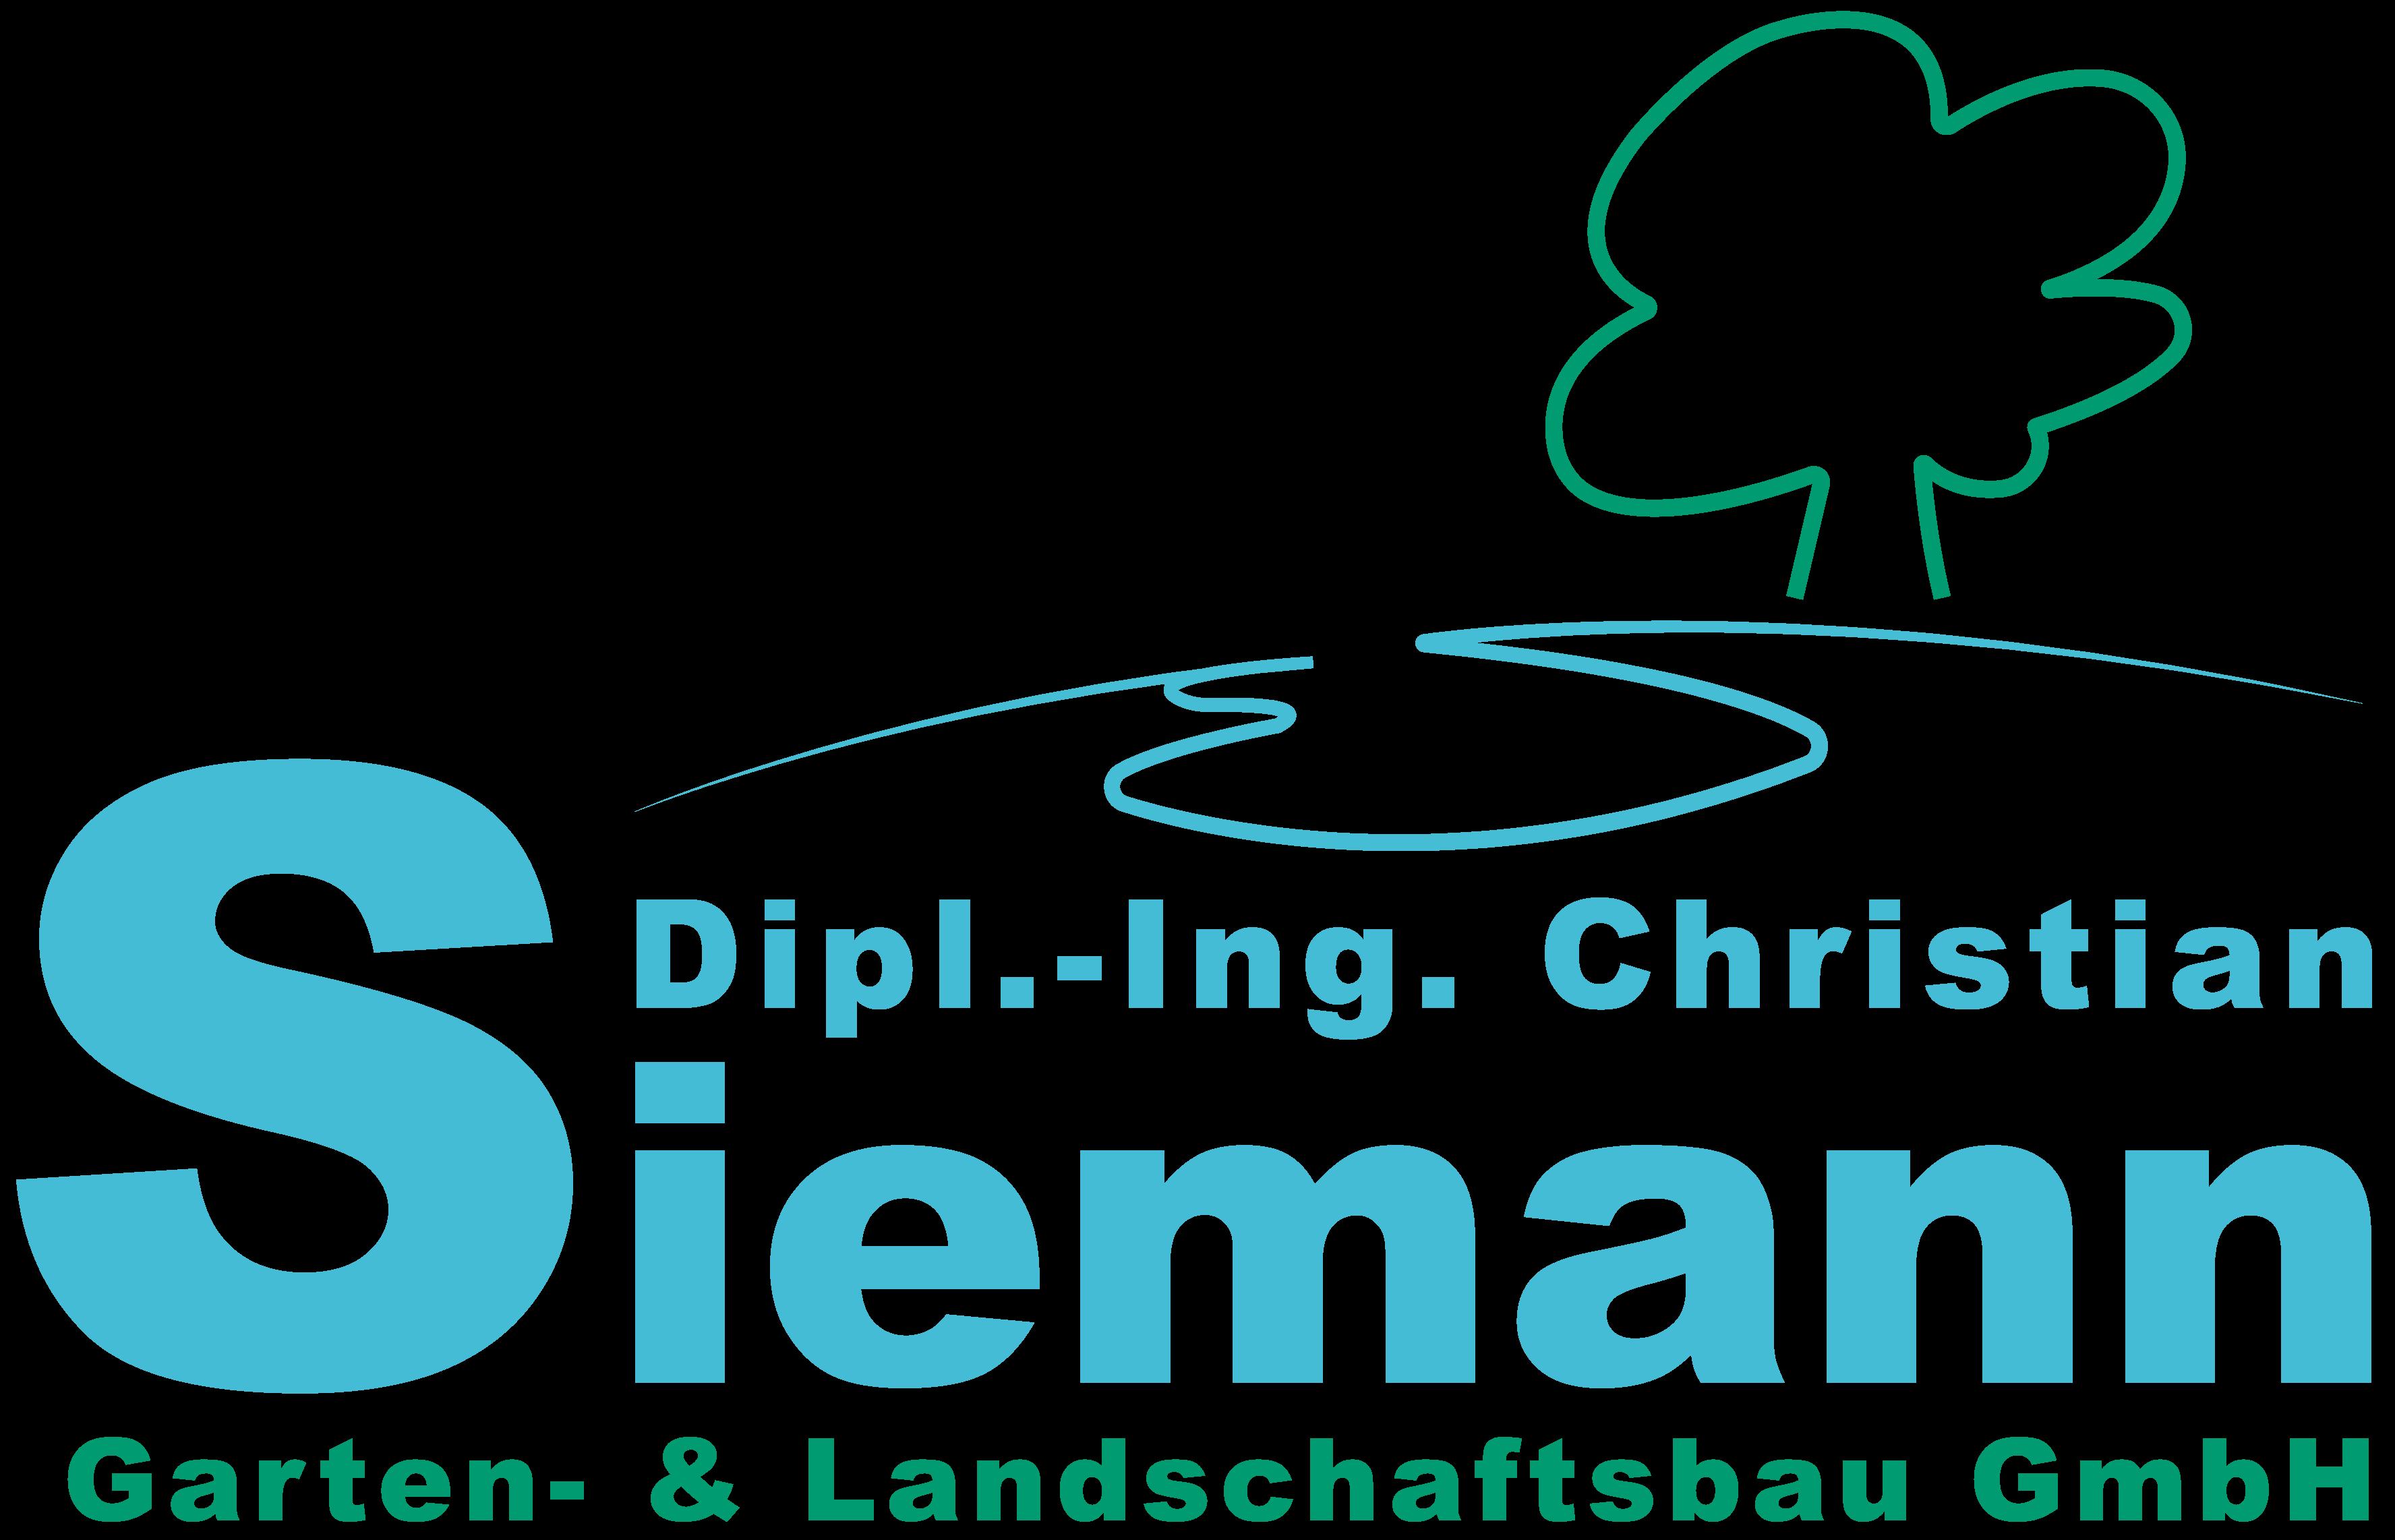 Christian Siemann